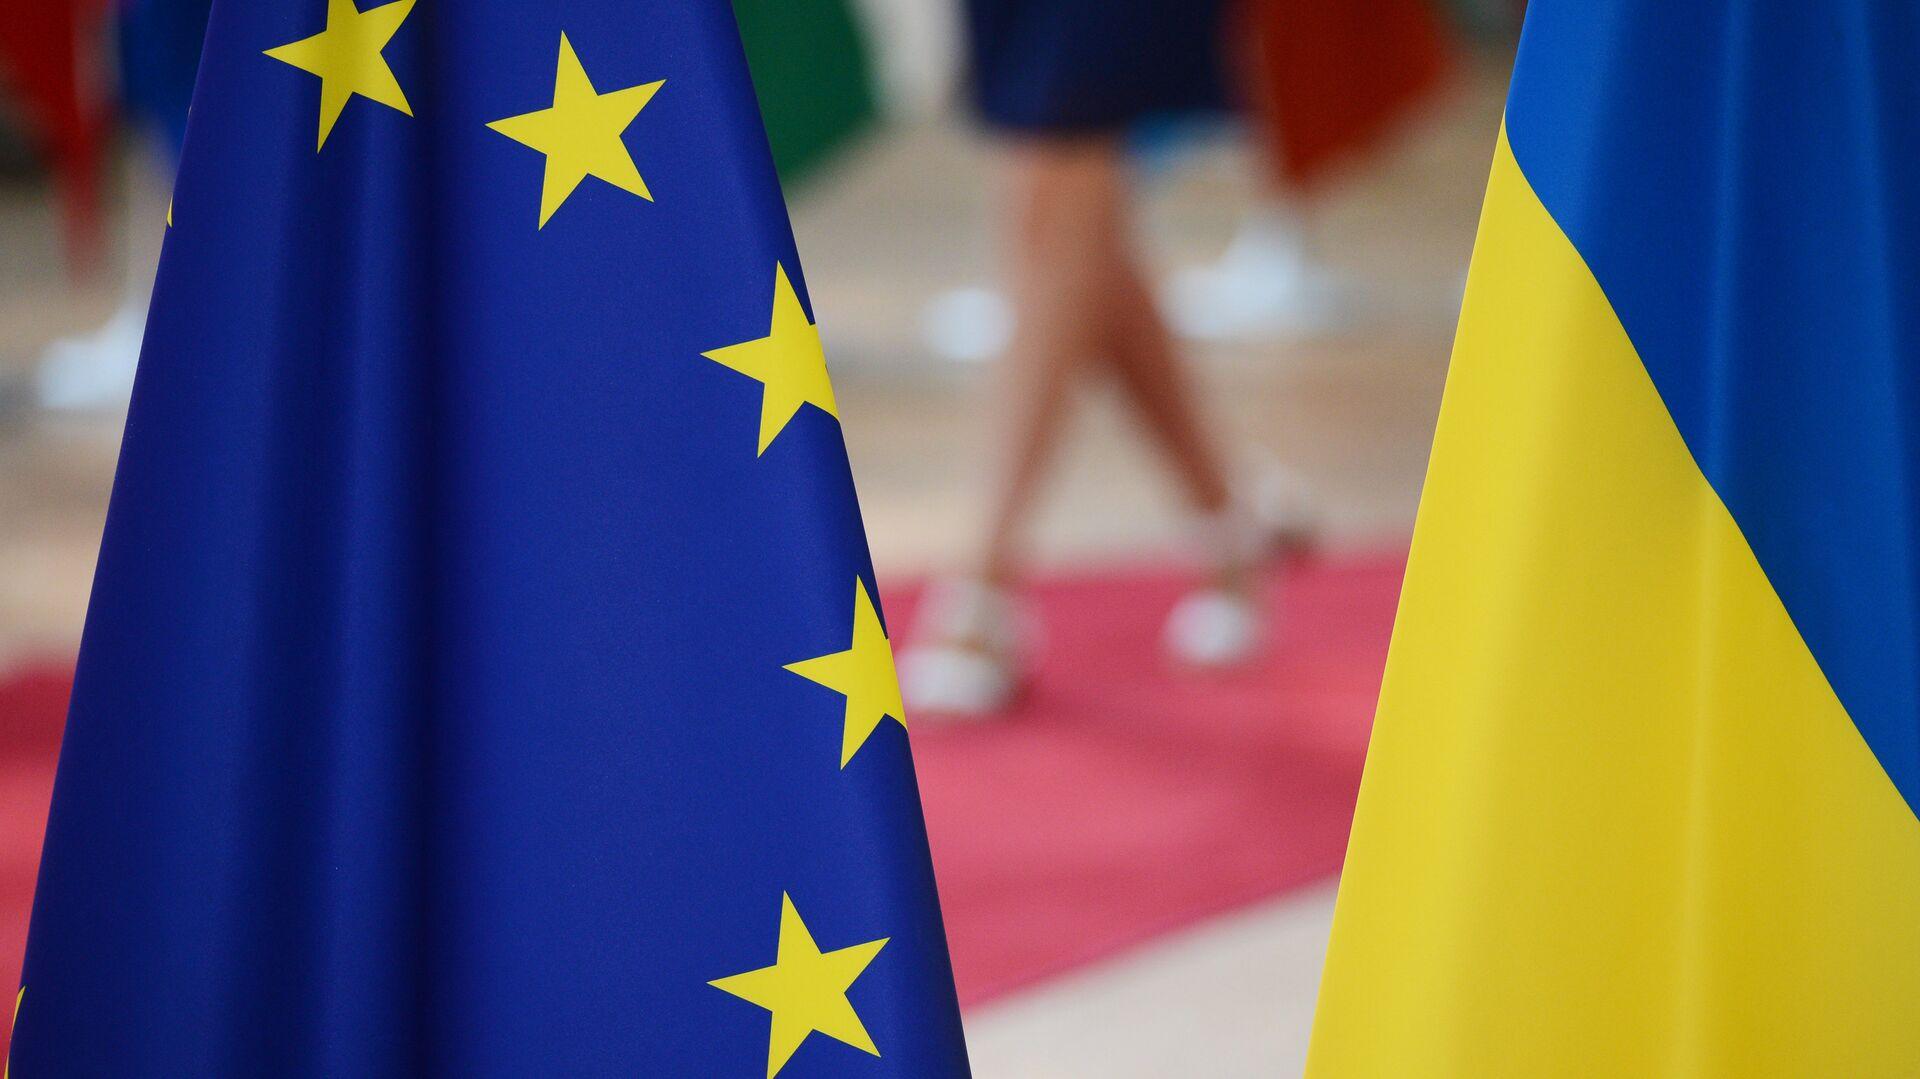 Флаги Украины и Европейского Союза - РИА Новости, 1920, 25.09.2020